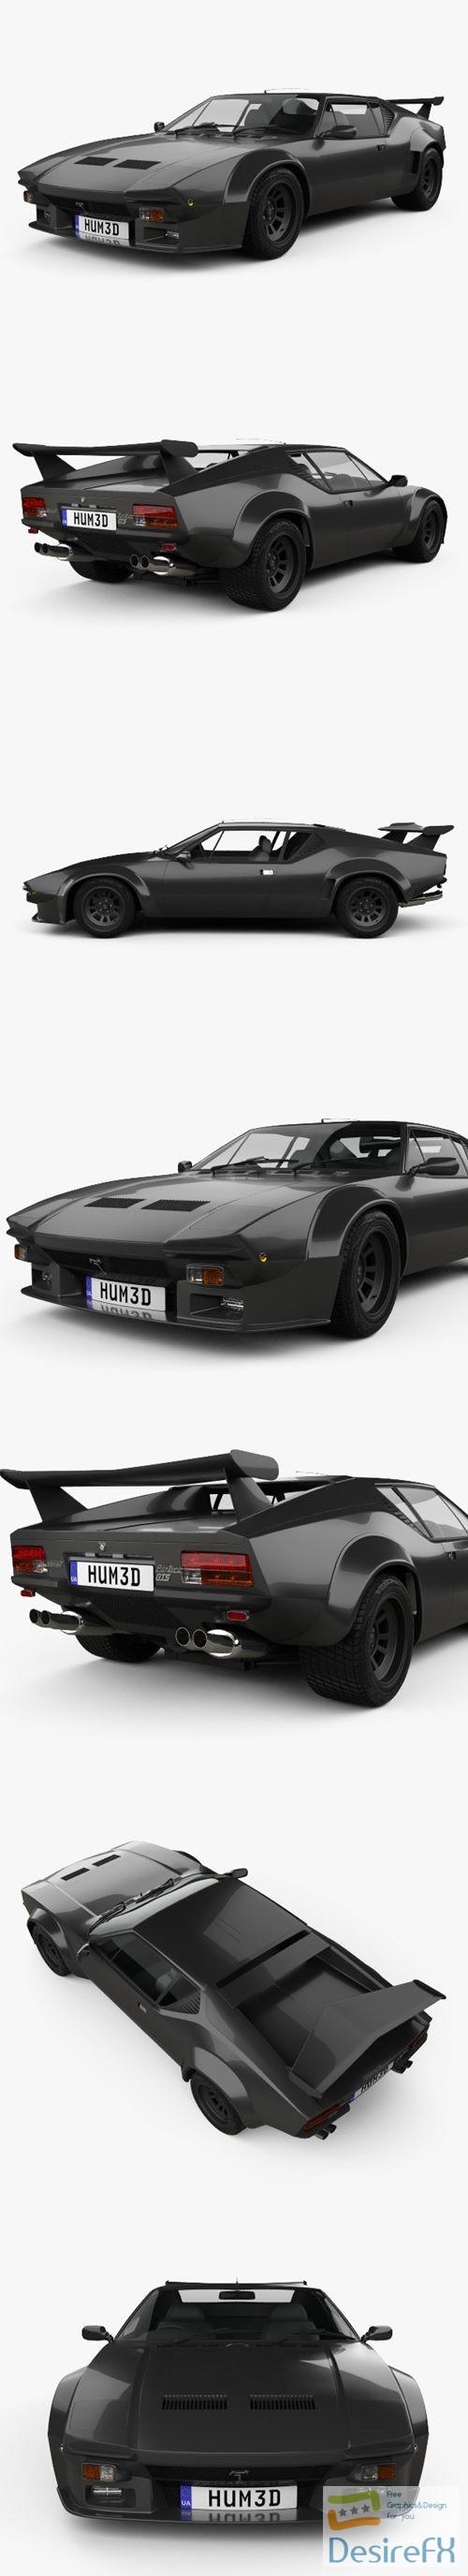 3d-models - De-Tomaso Pantera GT5S 1984 3D Model